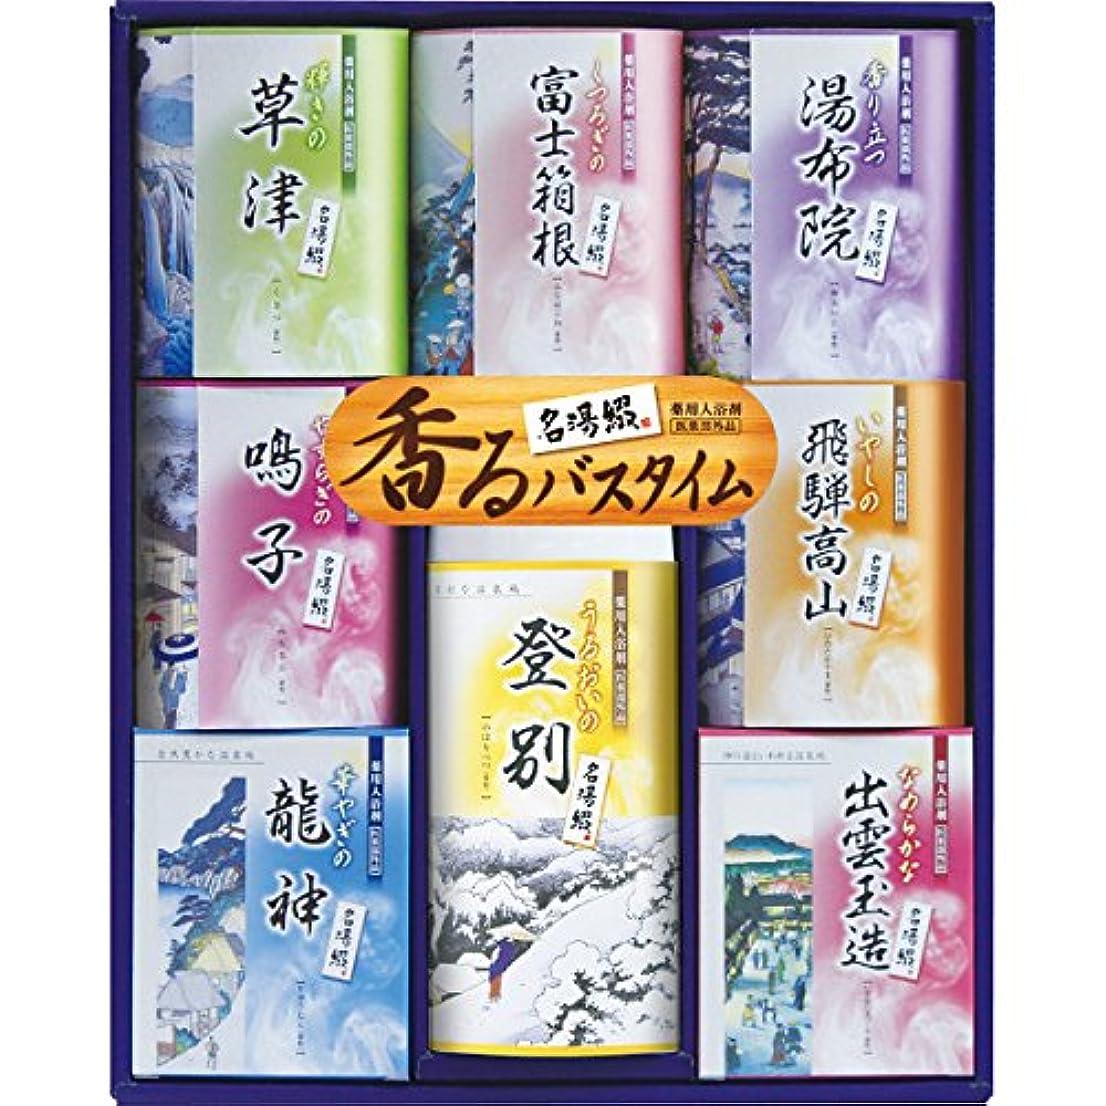 プラスチック規模集団的敬老の日 贈り物 名湯綴入浴剤セット(SD)